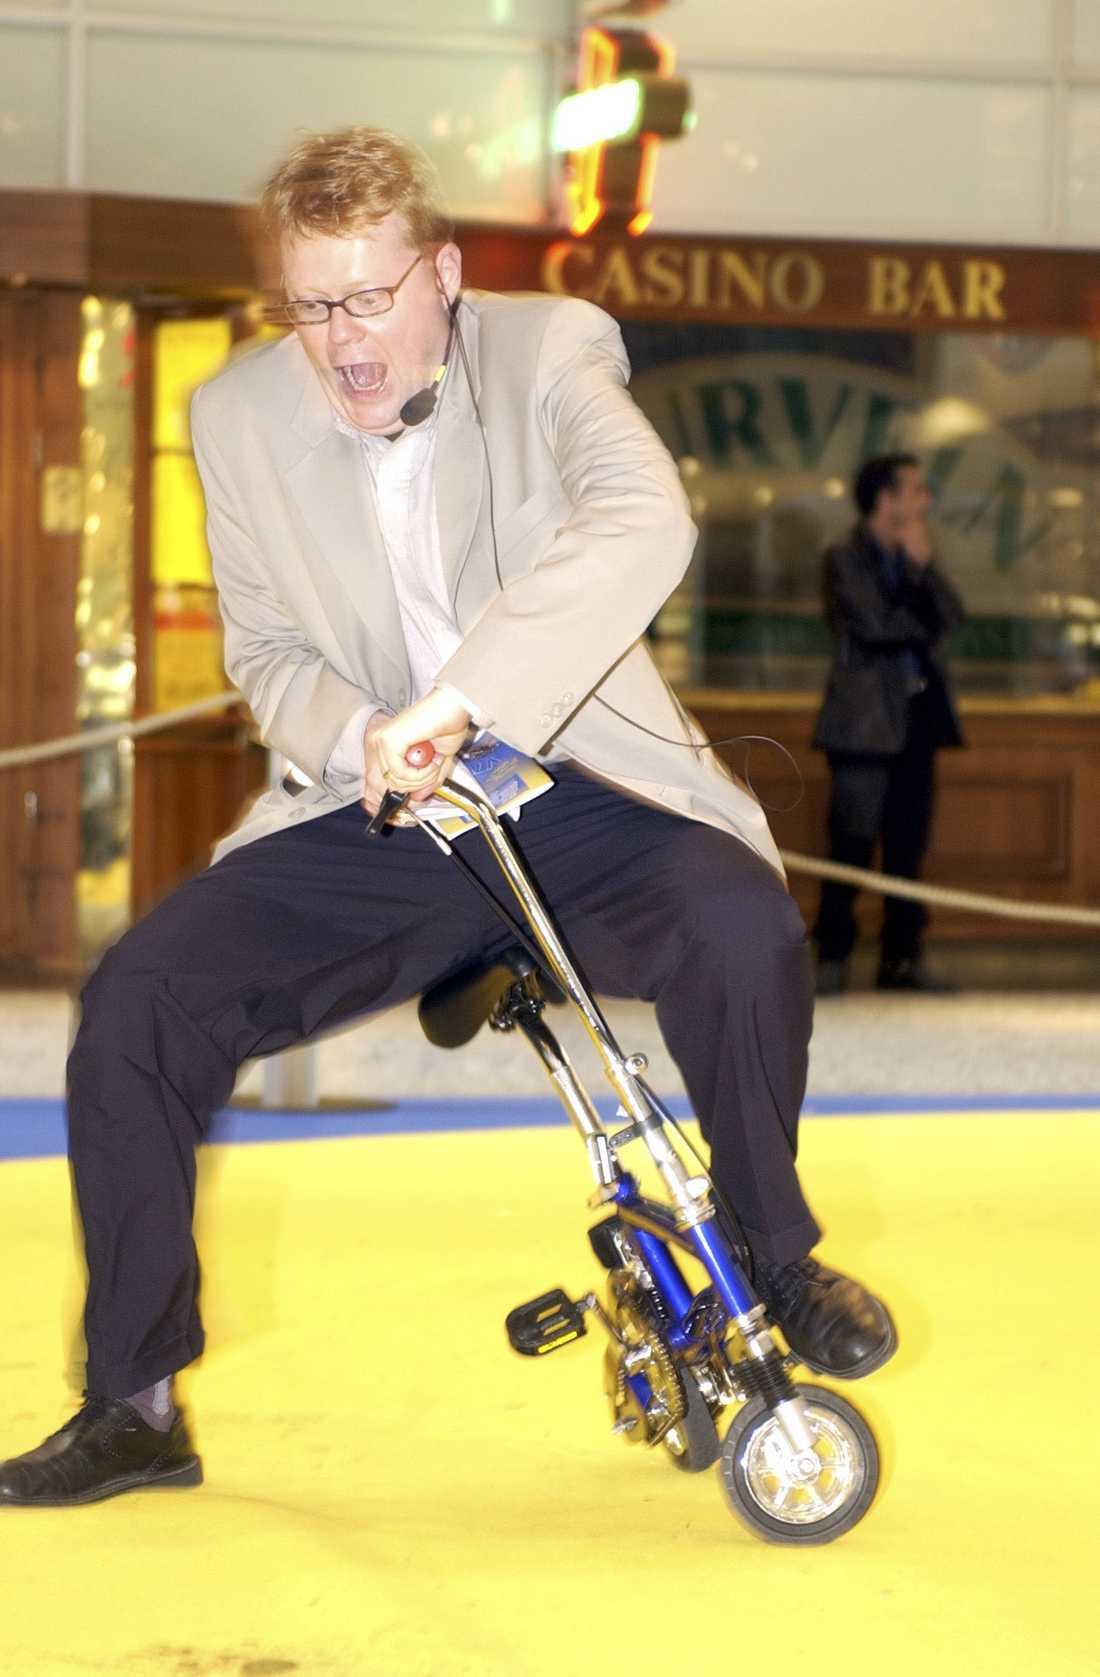 Göran spexar med cykel.